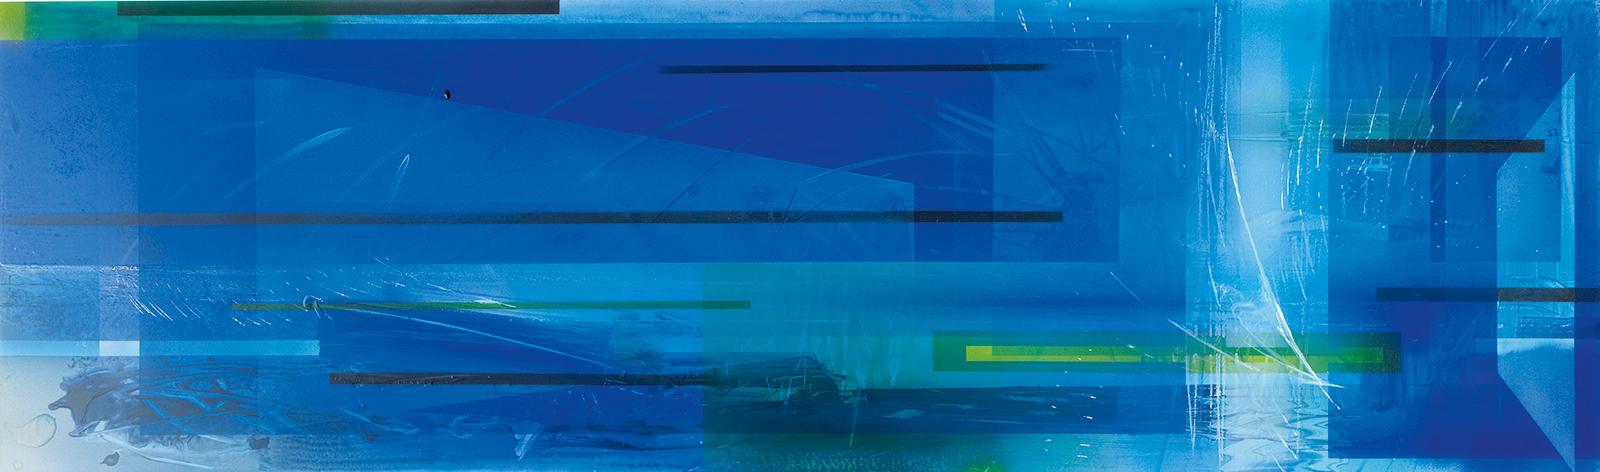 08_Panorama_2012_2000x800